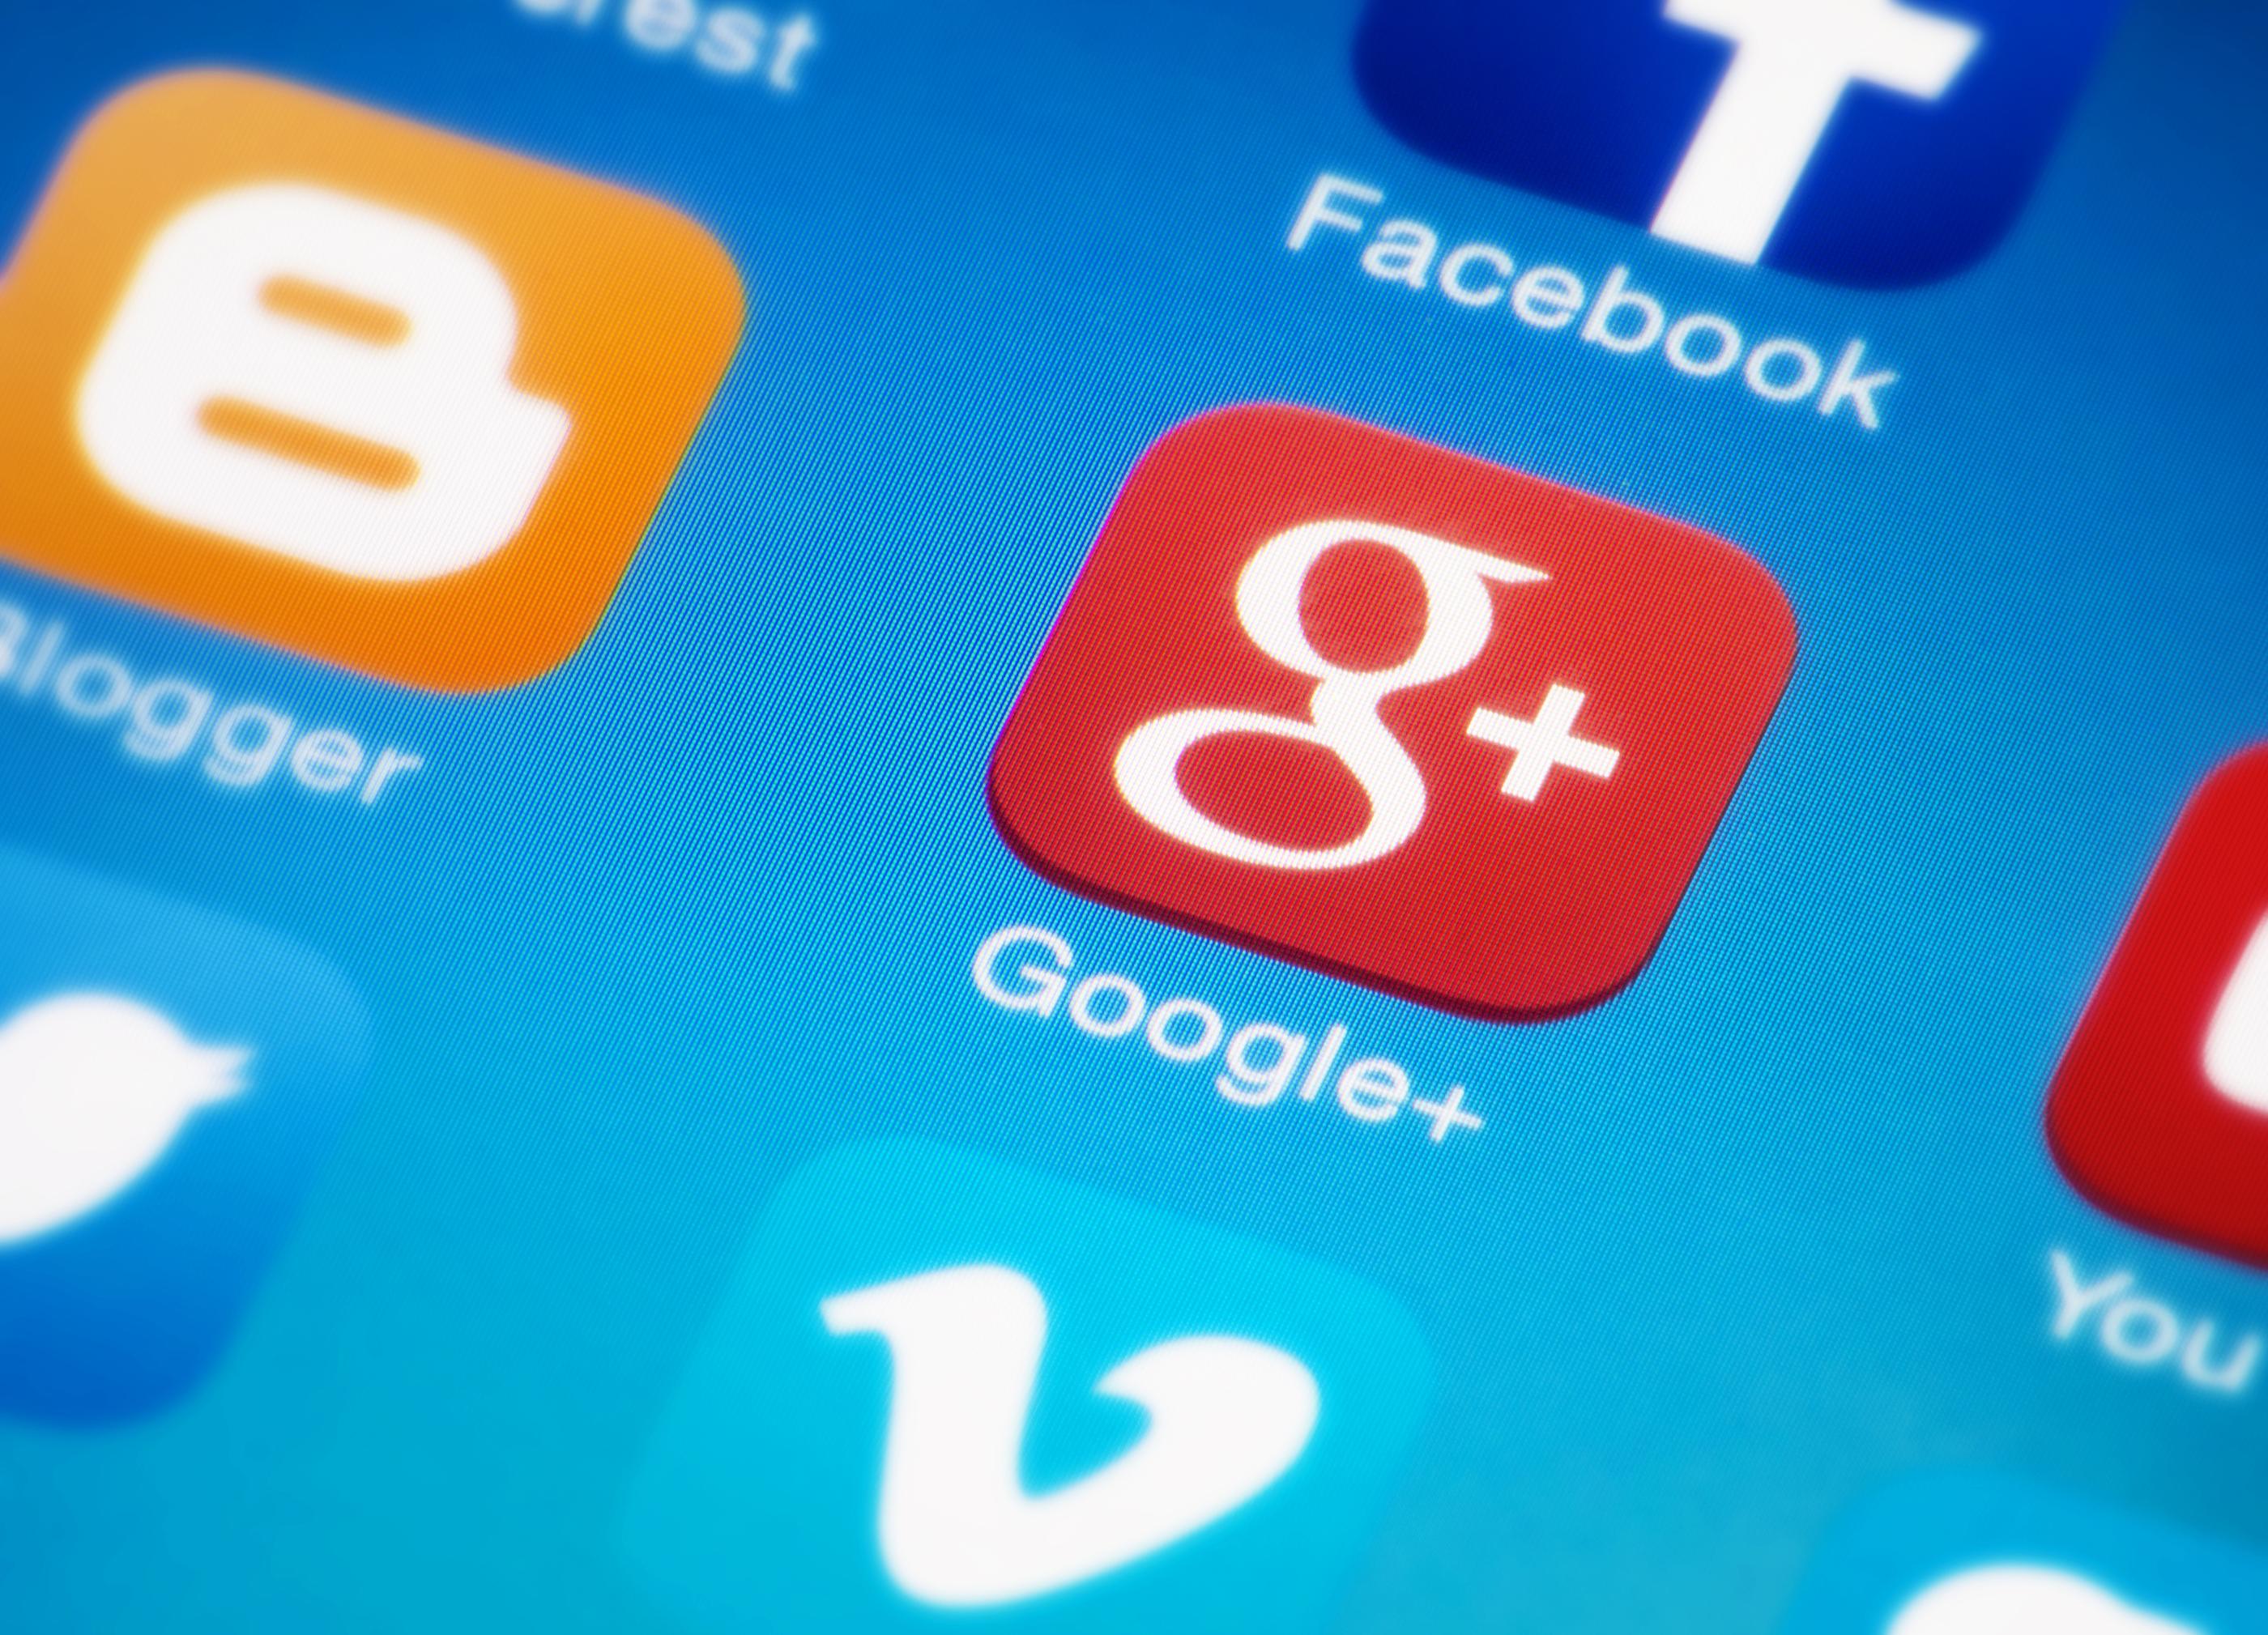 1424-Google-plus-icon-on-smartphone